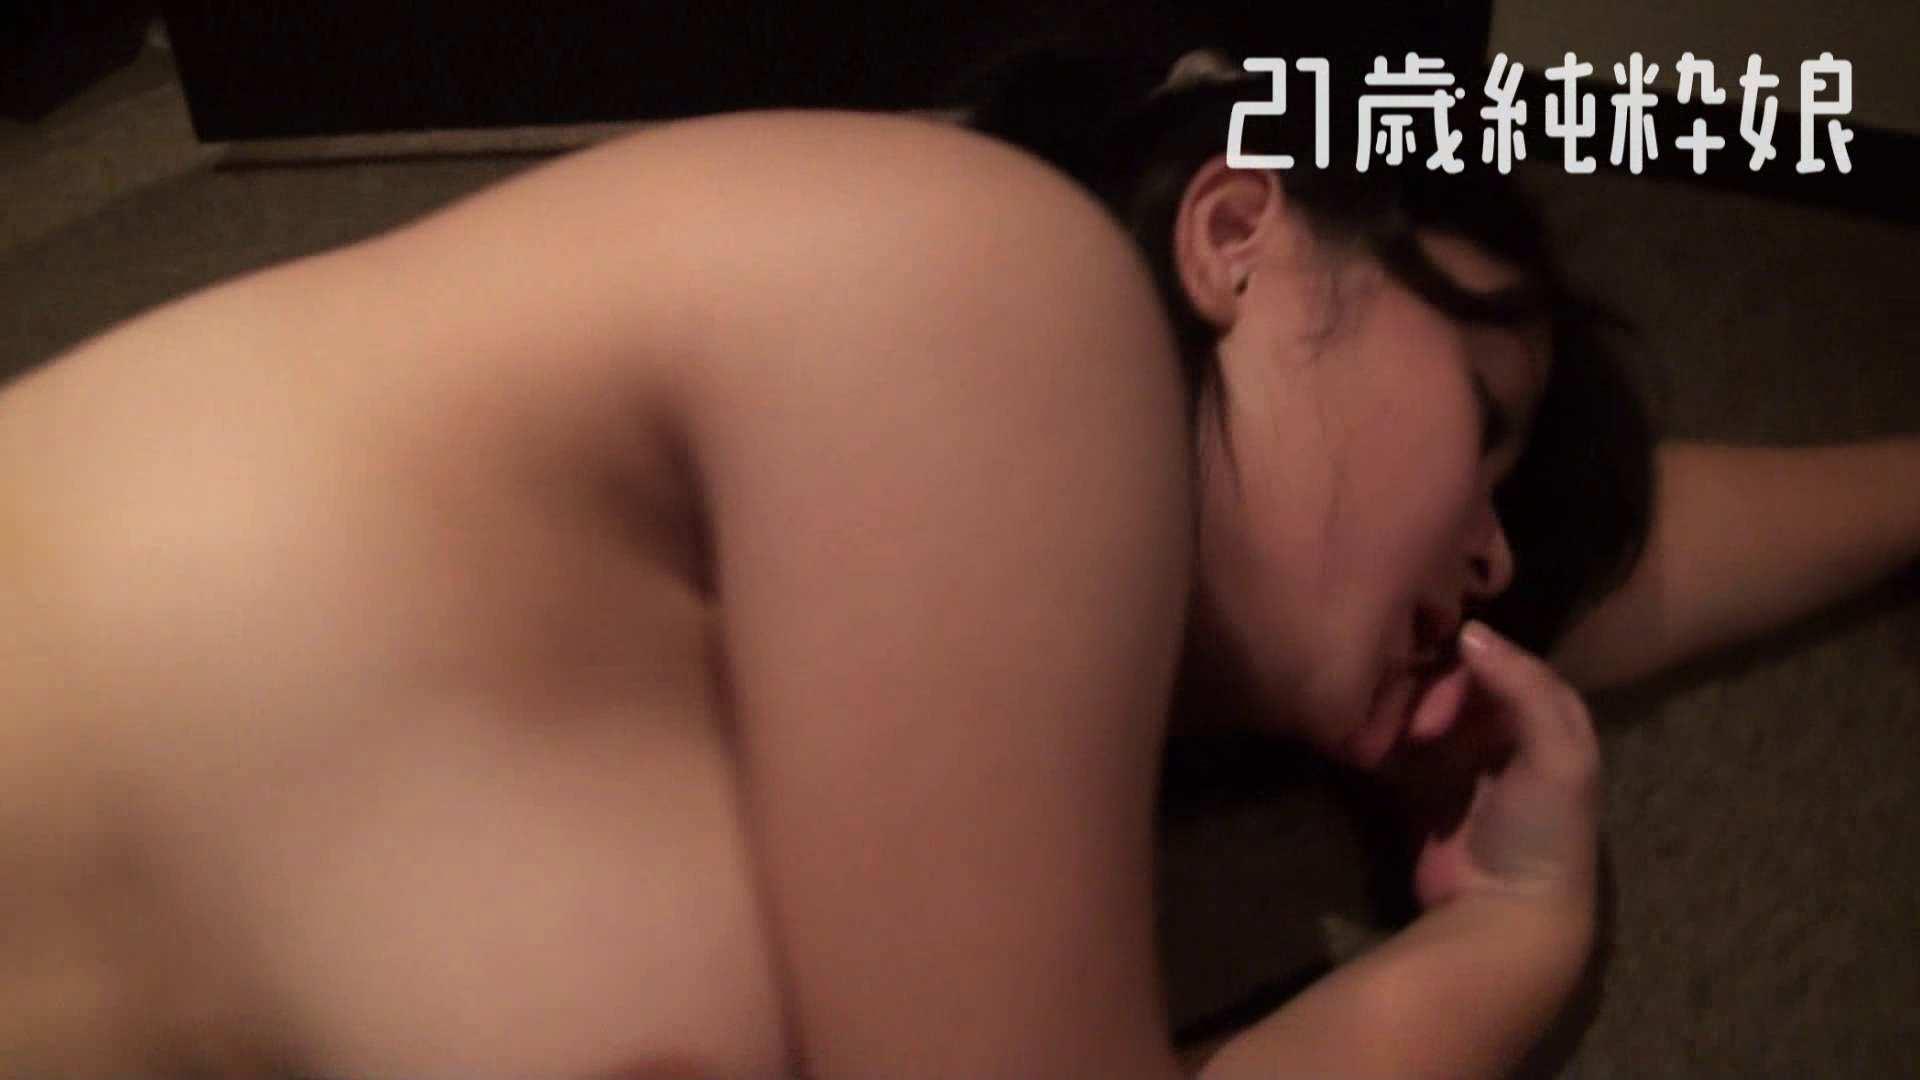 上京したばかりのGカップ21歳純粋嬢を都合の良い女にしてみた2 中出し | SEX  24連発 19